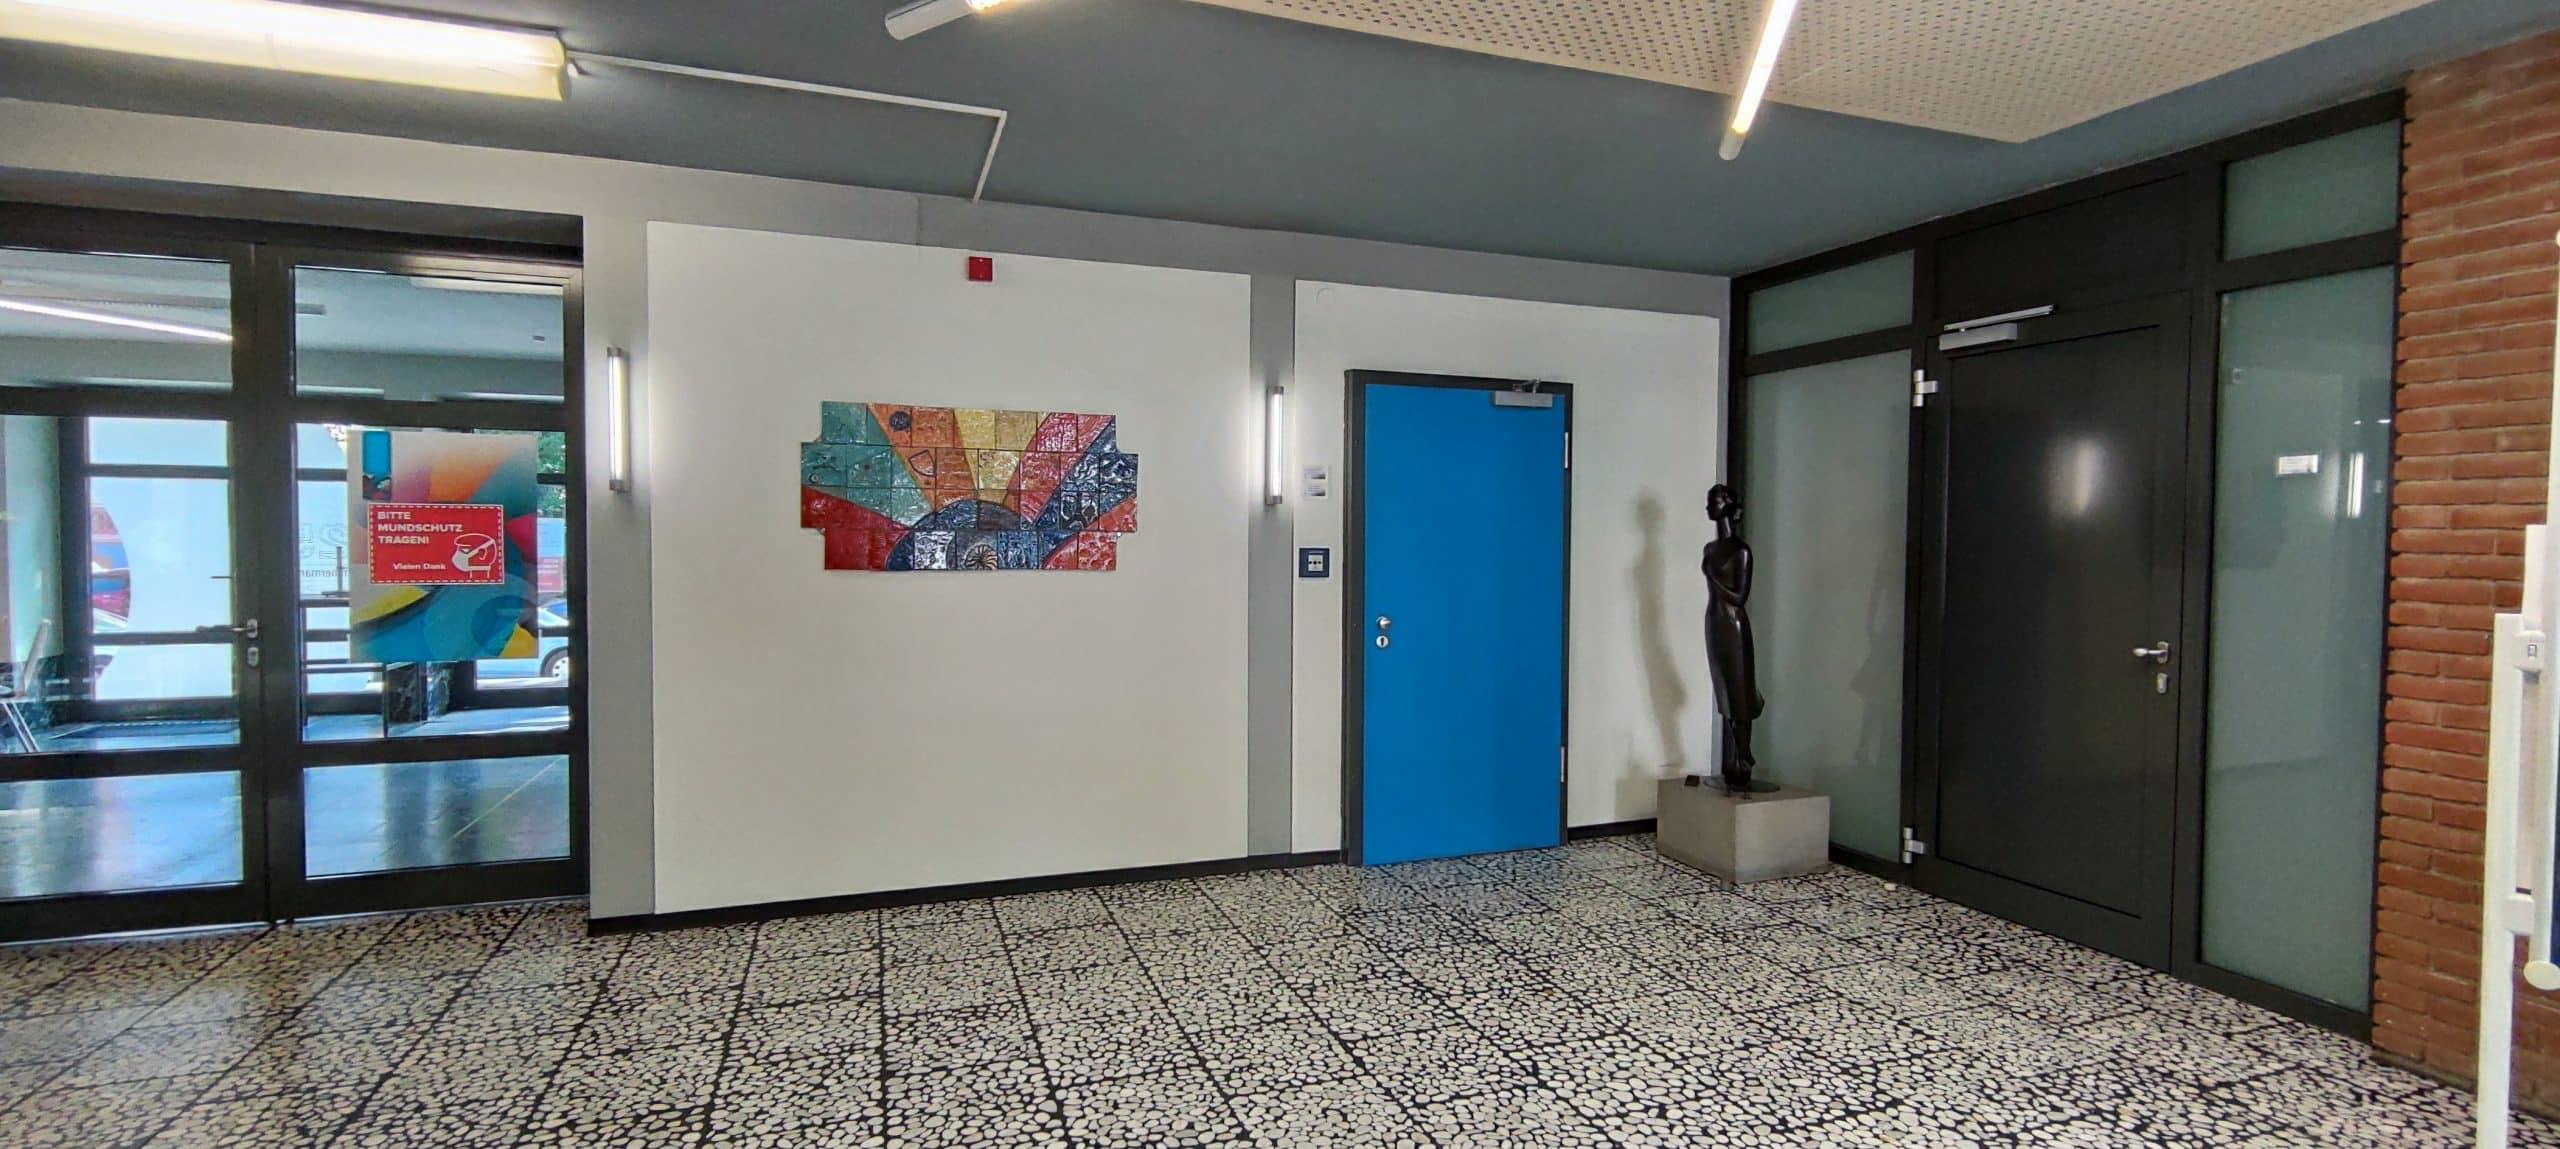 Dr. Zimmermannsche Wirtschaftsschule in Koblenz Eingangshalle mit Blick auf den Eingang des Sekretariats